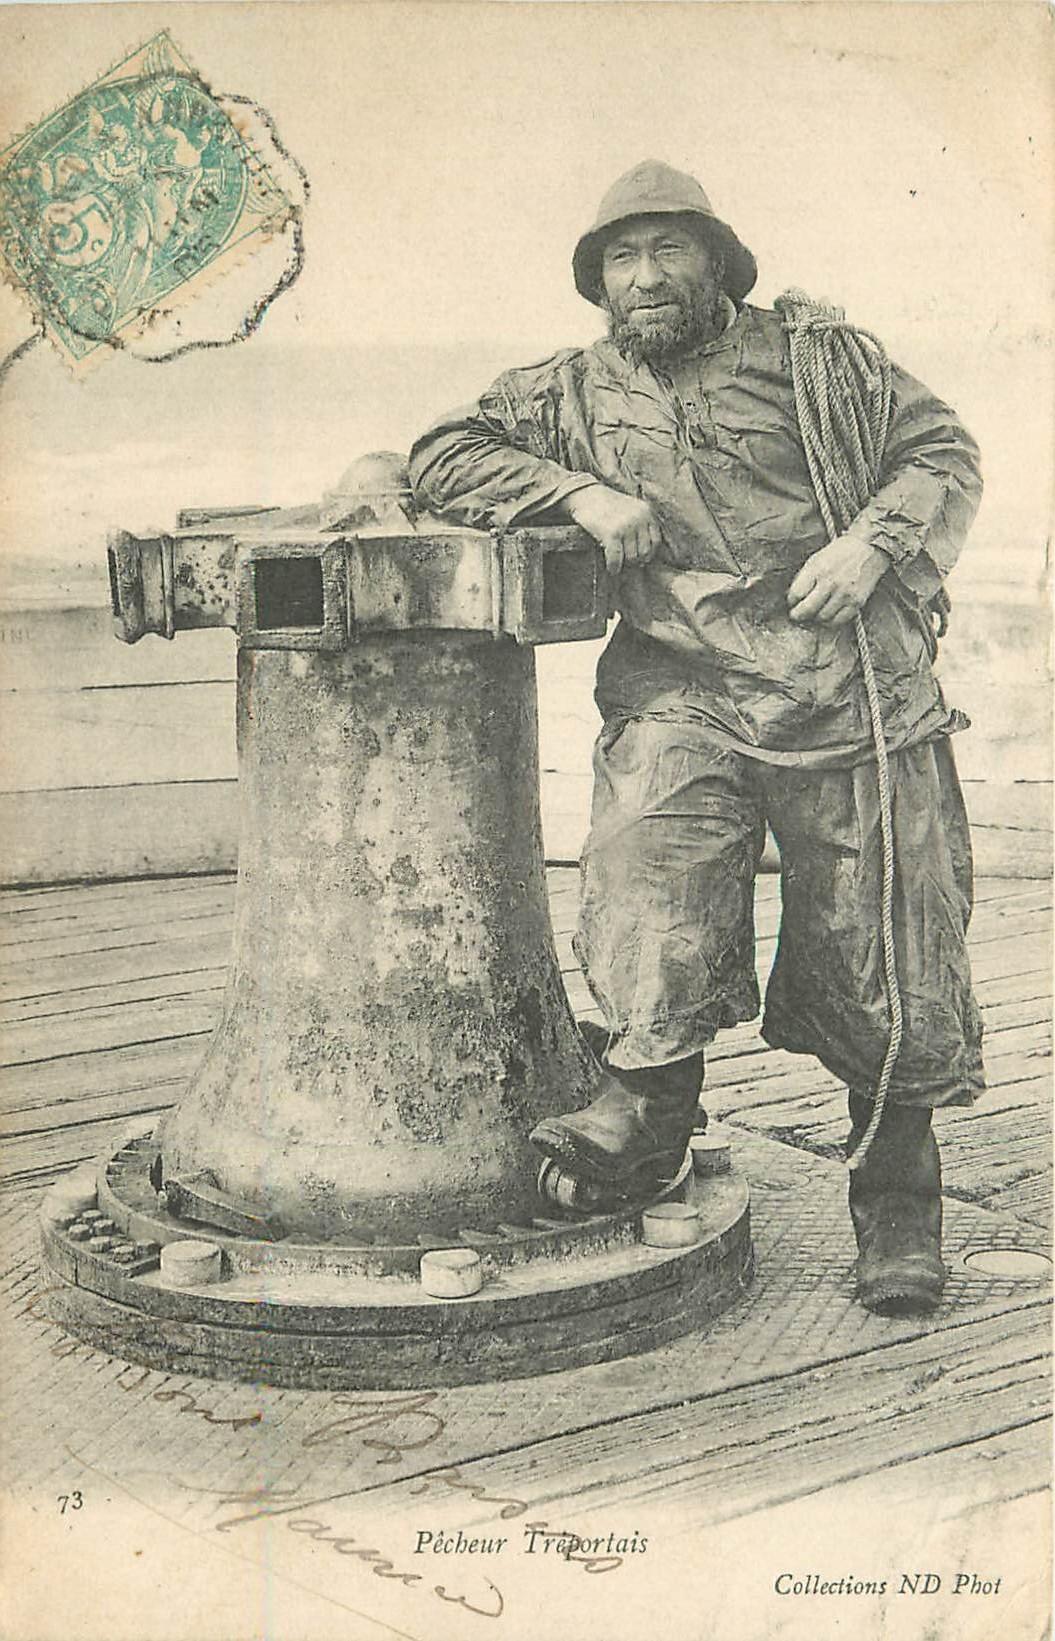 76 LE TREPORT. Pêcheur Tréportais 1905